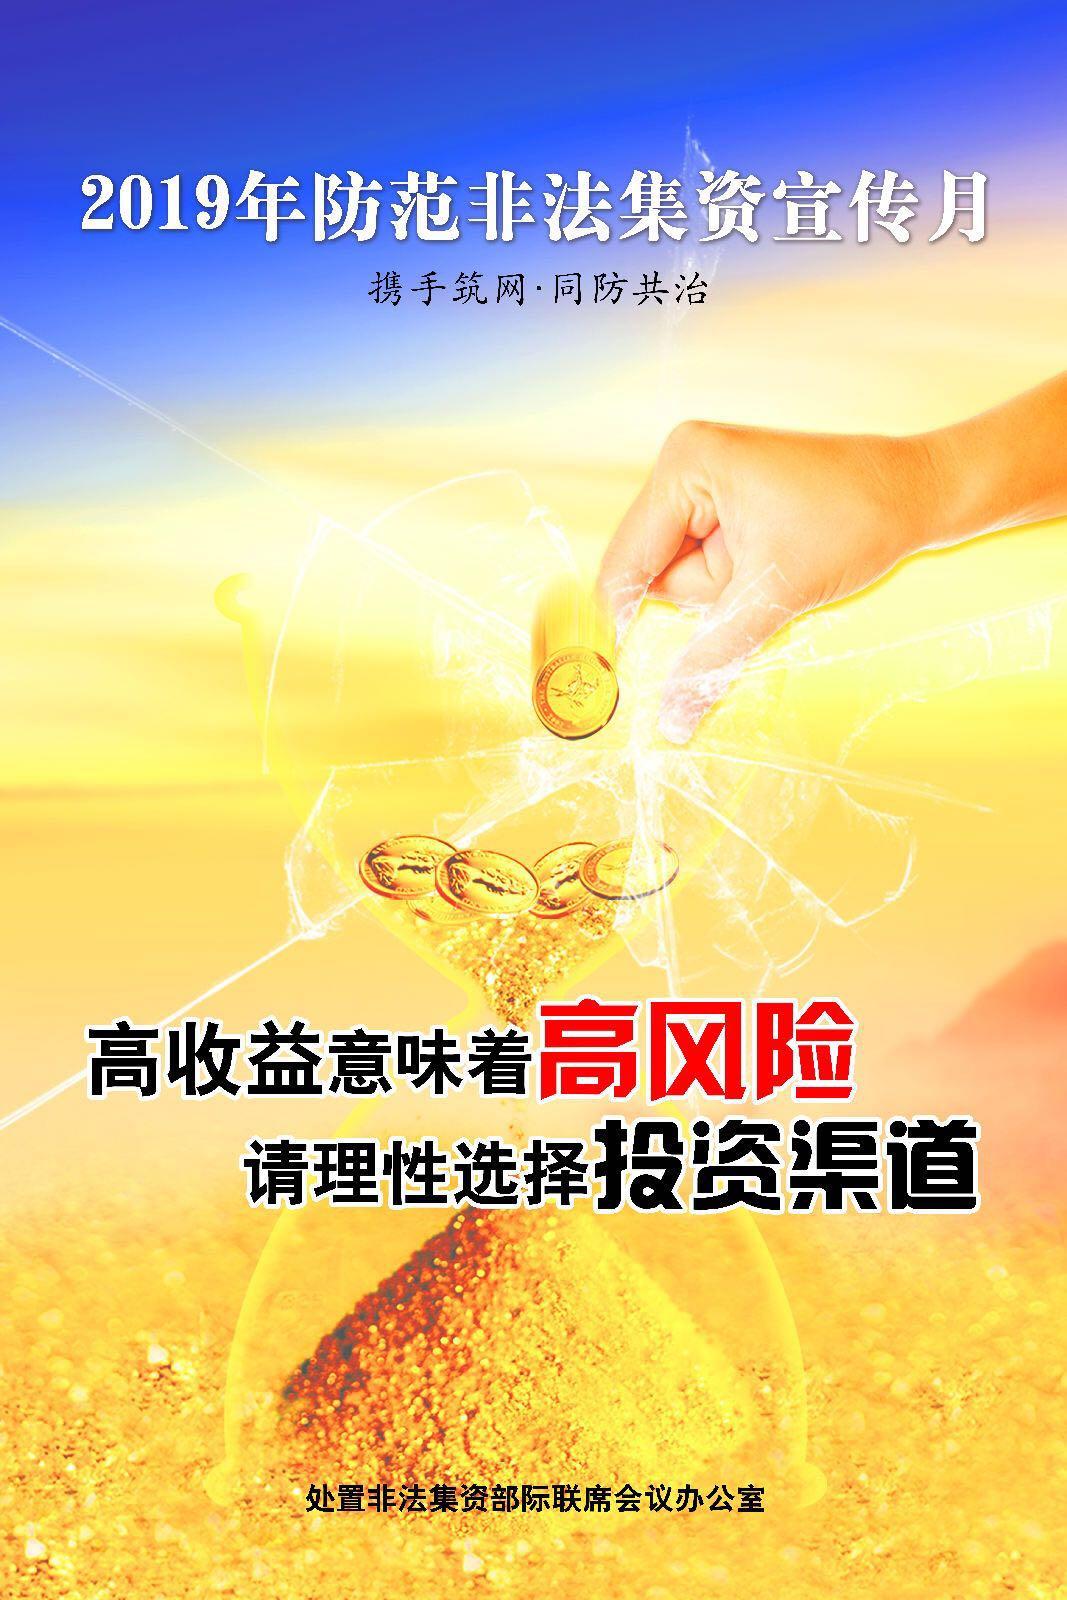 三、抵制高息集資誘惑,理性選擇投資渠道《投資理財篇》